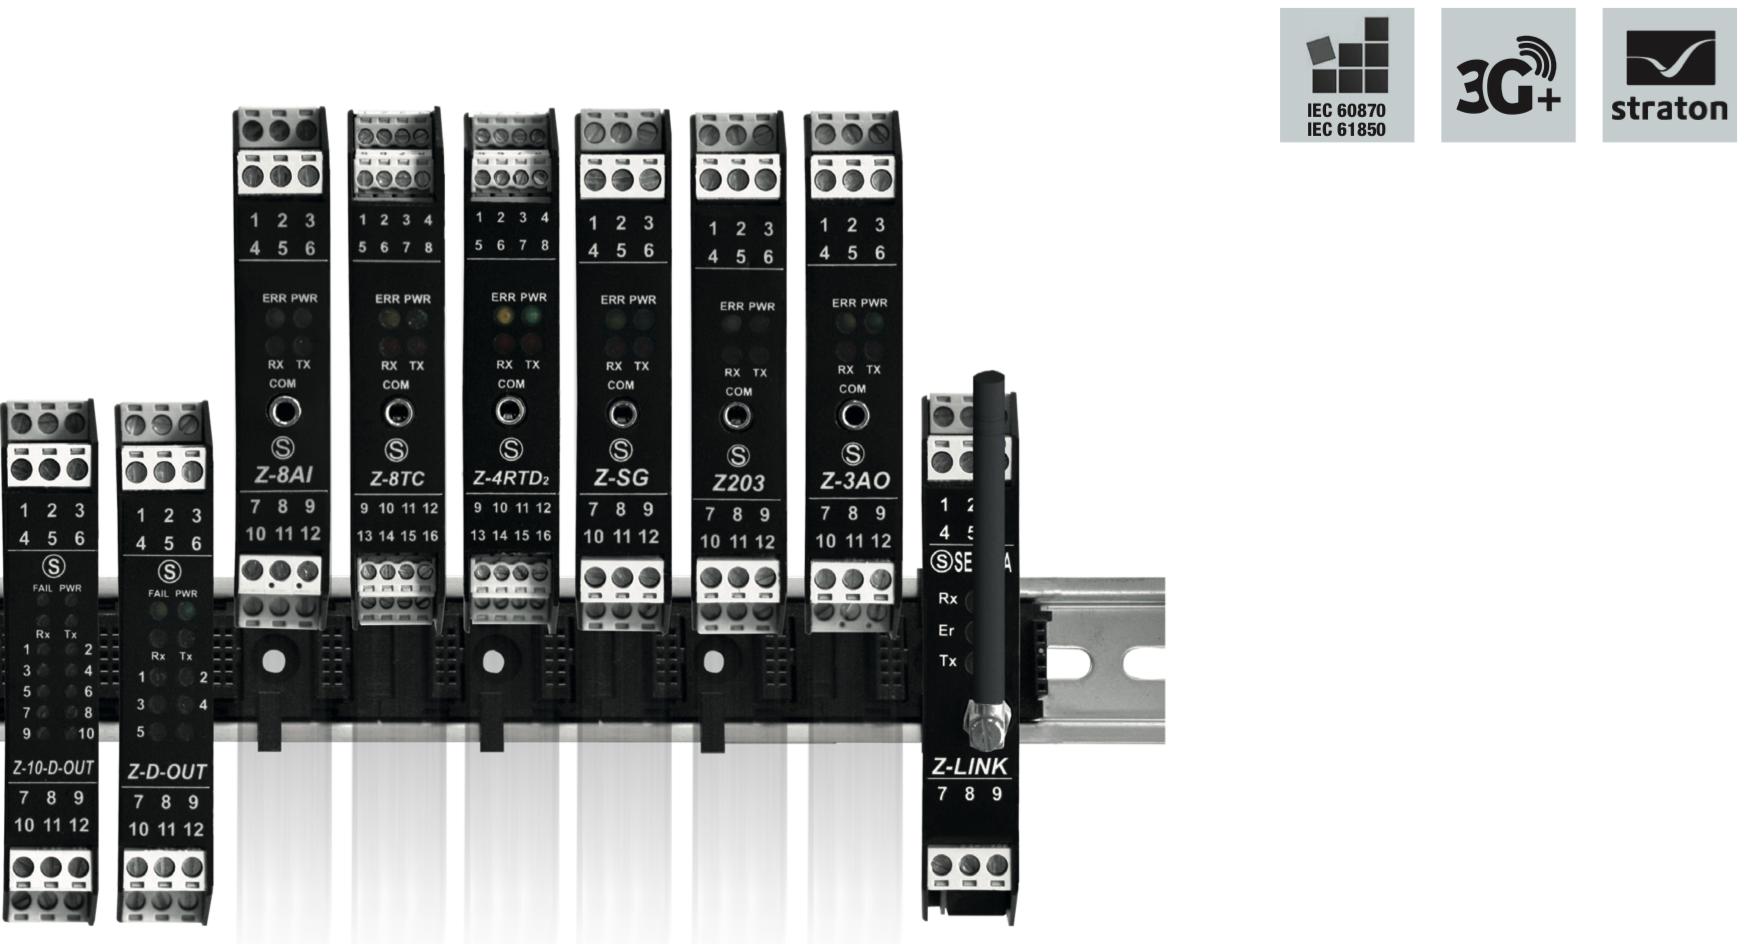 Bộ chuyển tín hiệu Relay sang modbus RS485